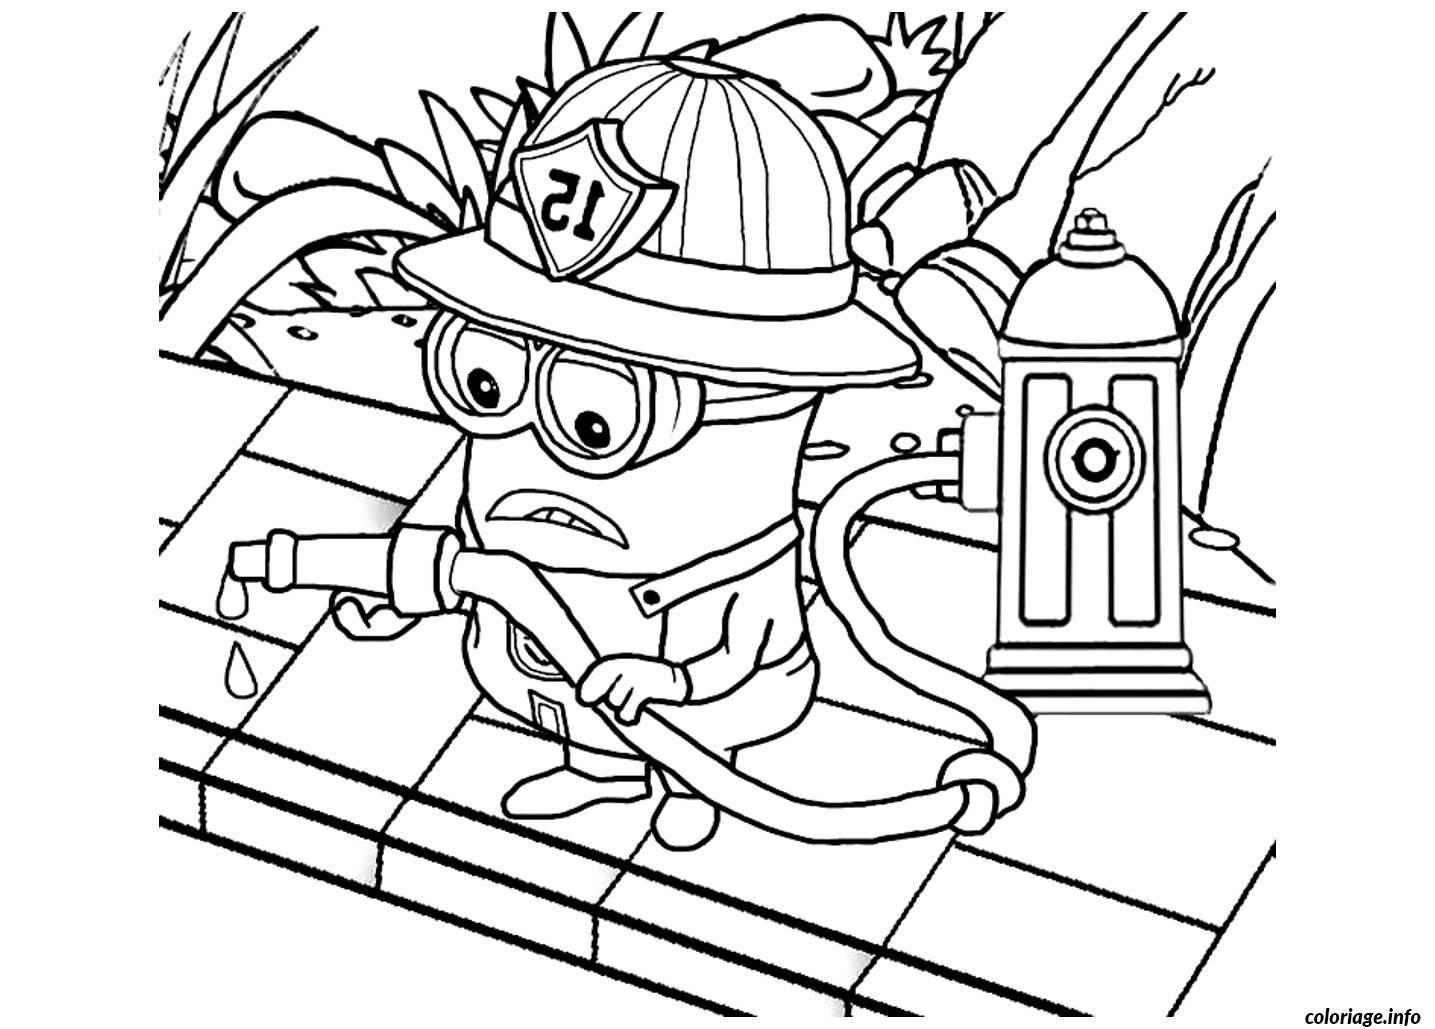 Coloriage Pompier A Imprimer Gratuit - PrimaNYC.com